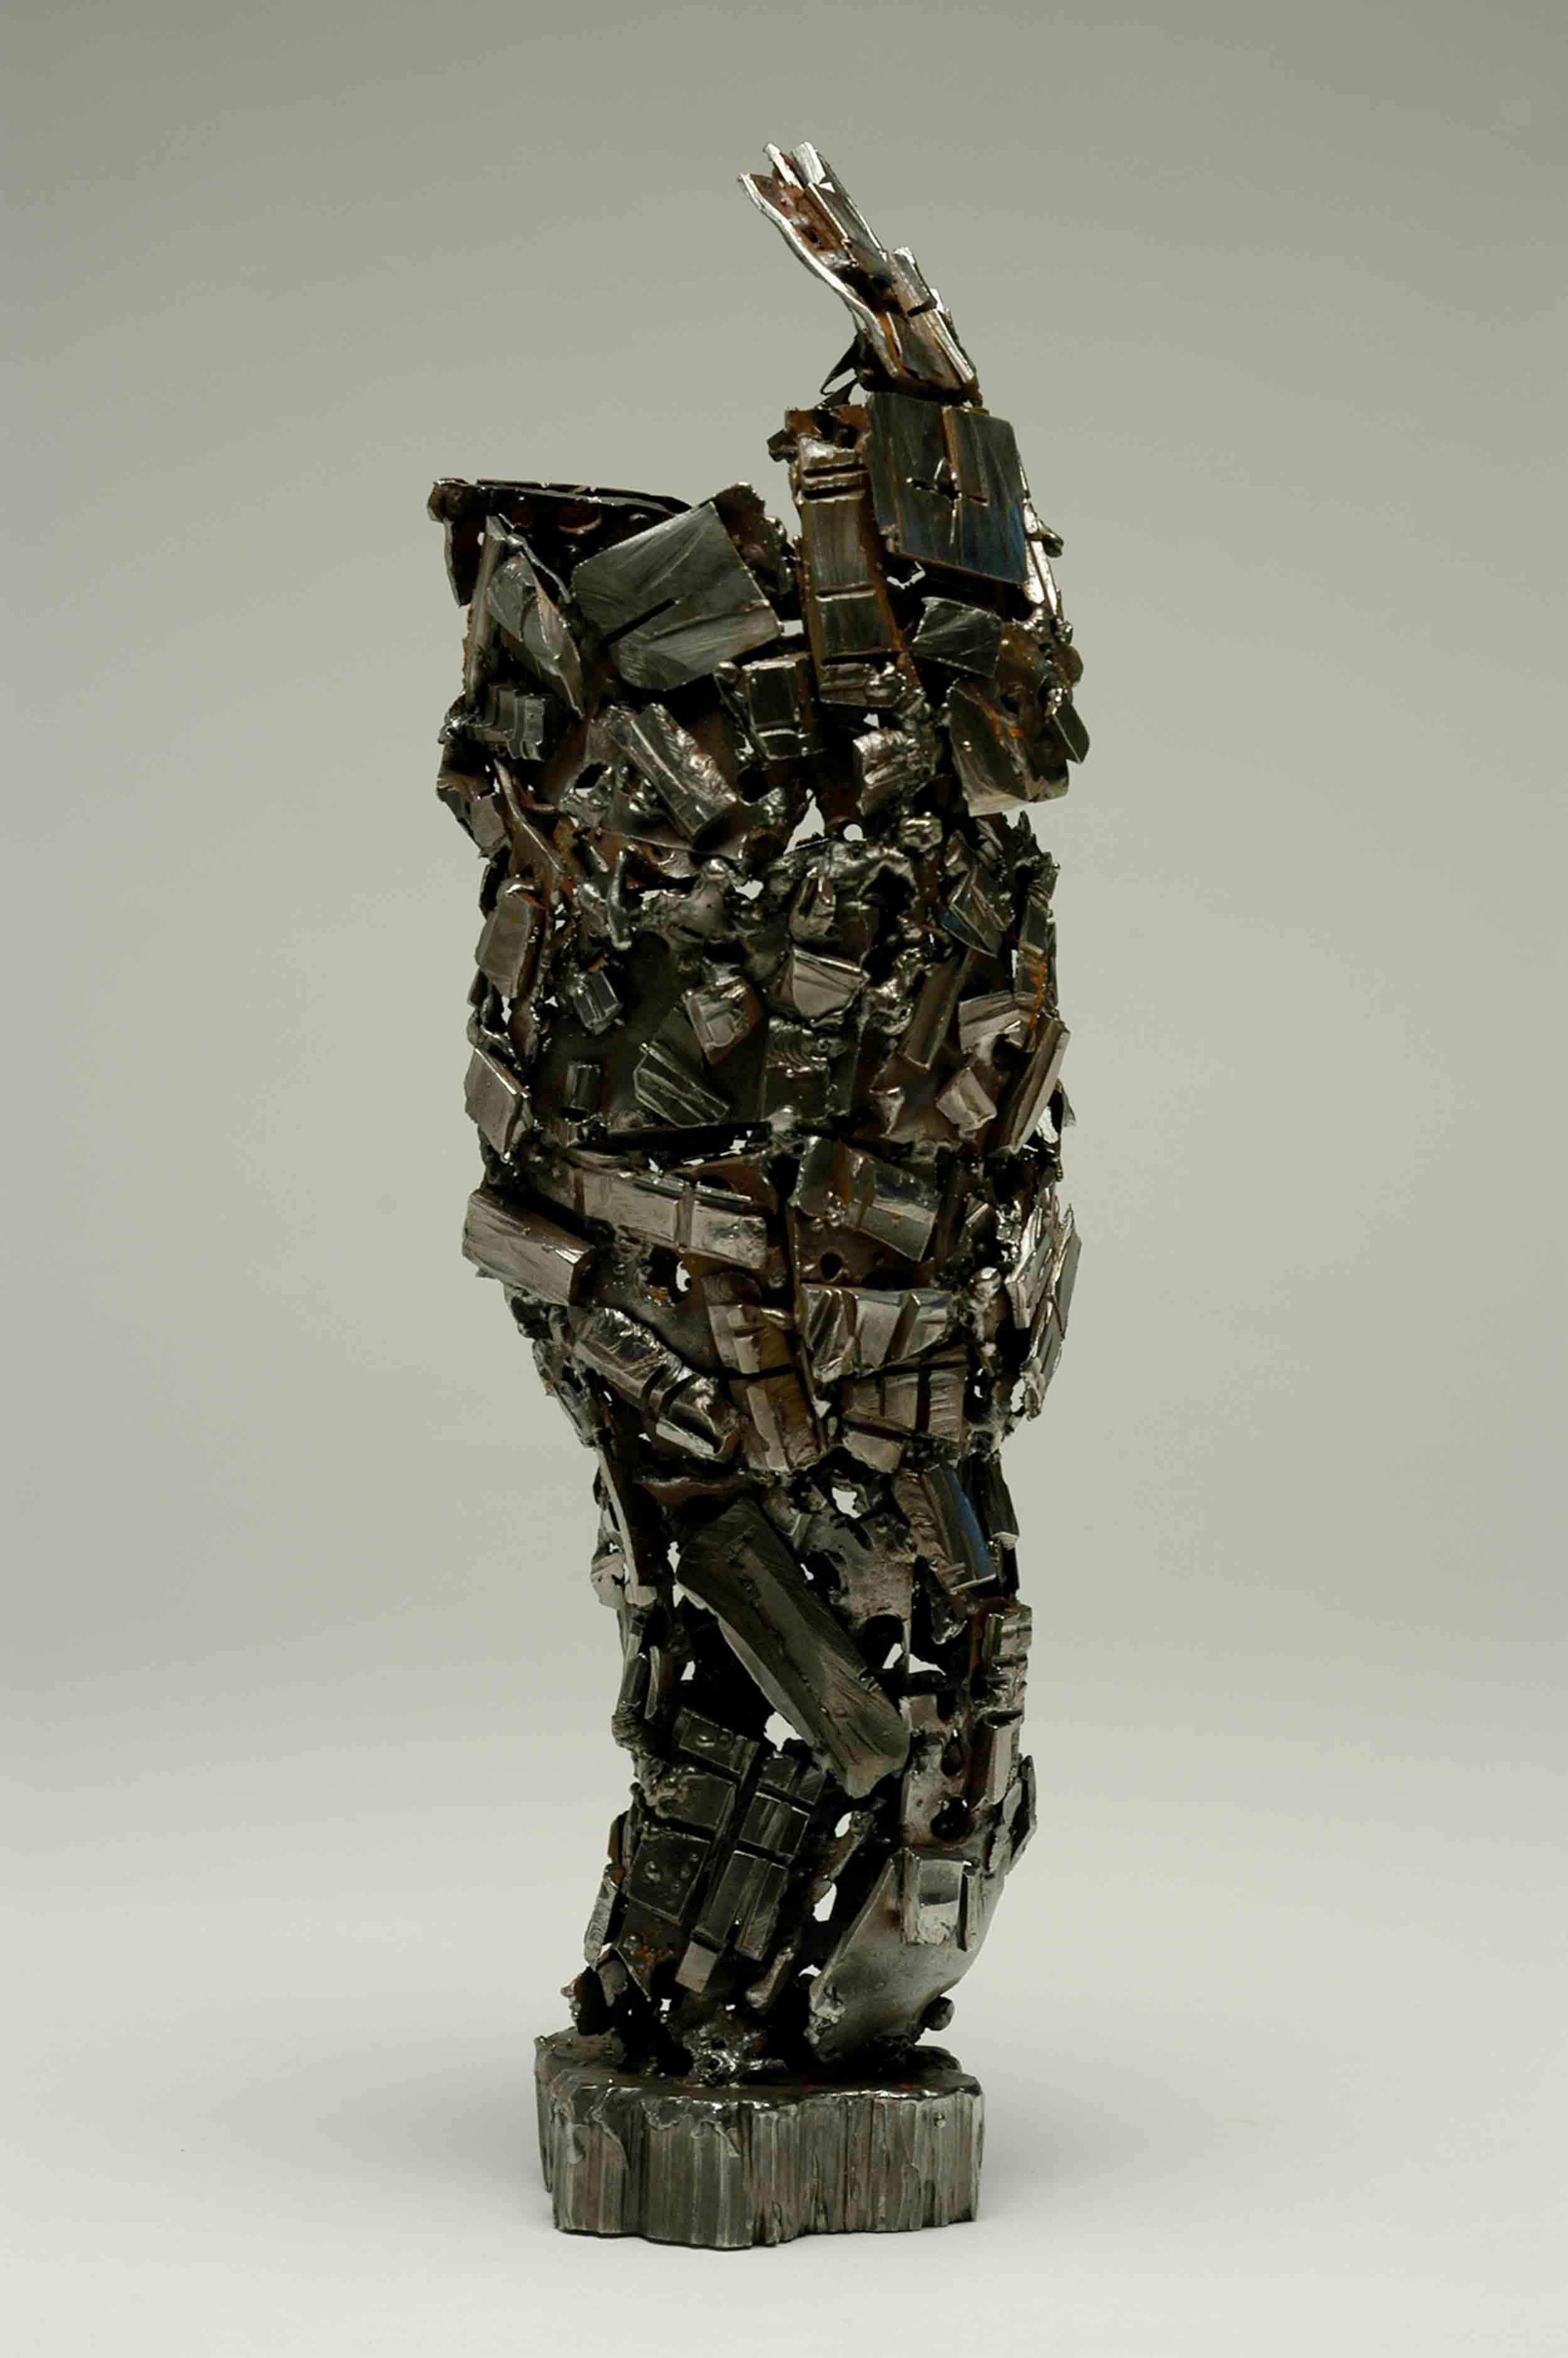 Detritus, $1,200